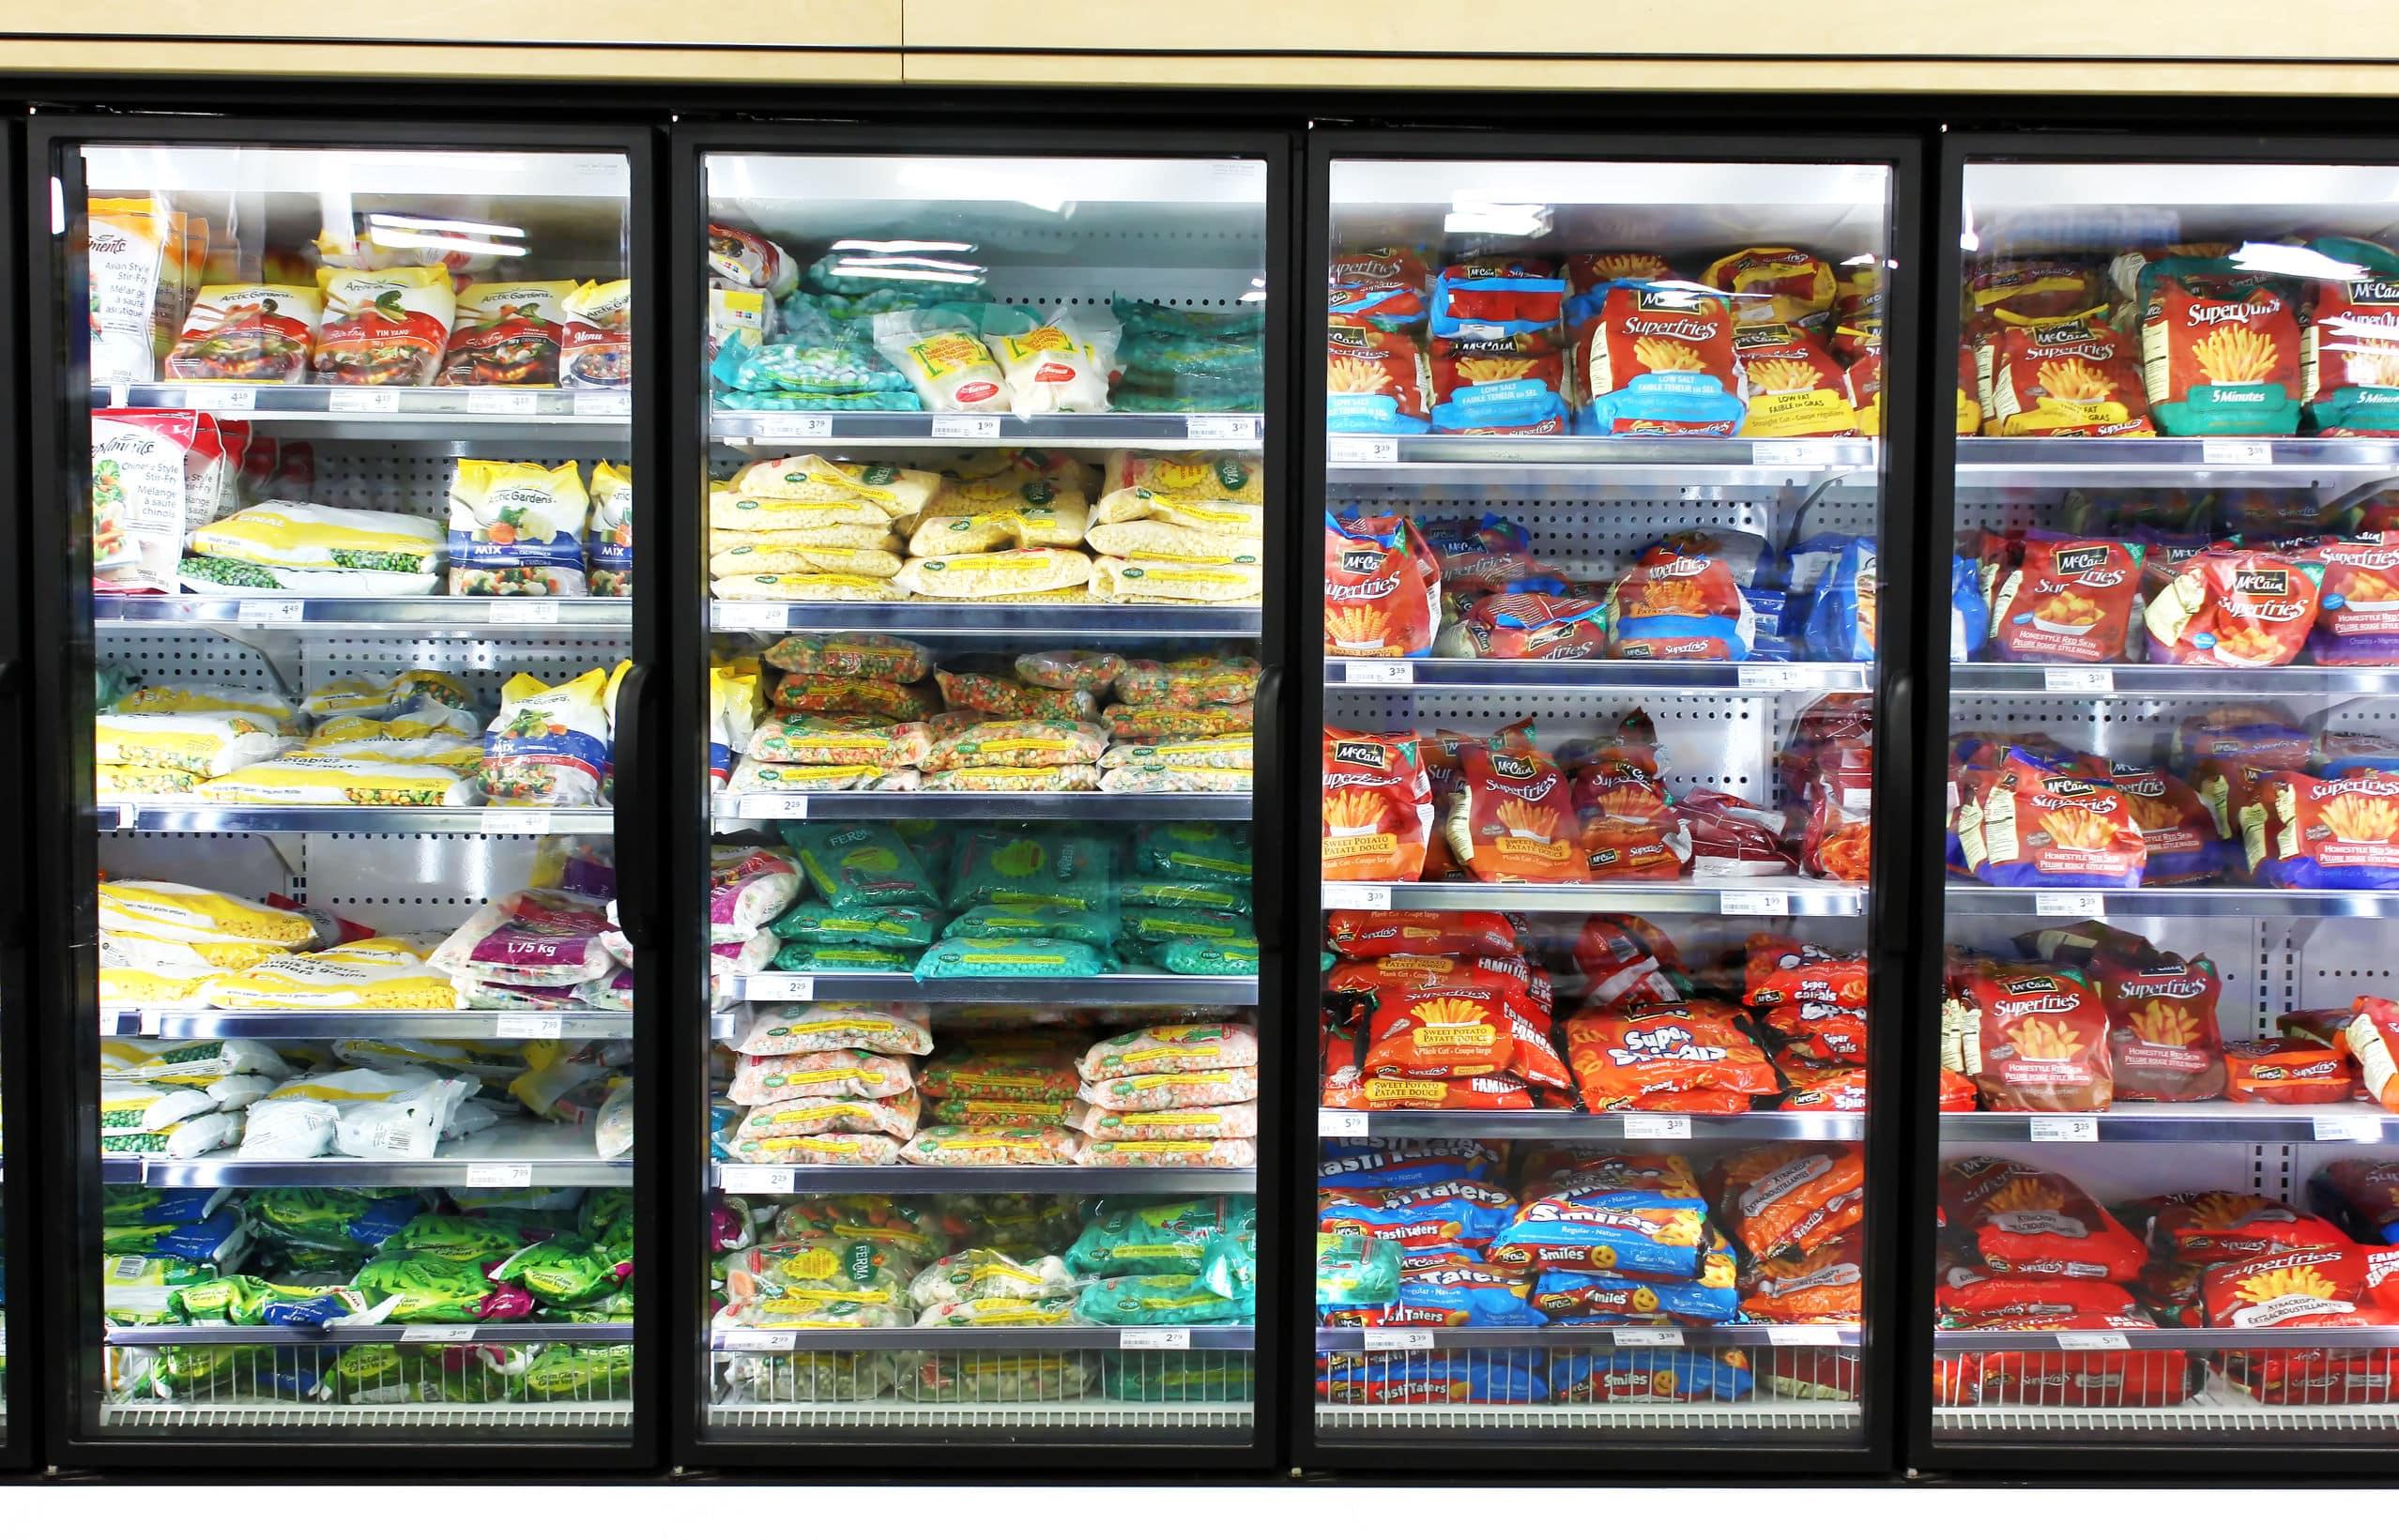 Frigorífico de mercado, com portas em vidro transparente, exibindo alimentos congelados em embalagens coloridas.